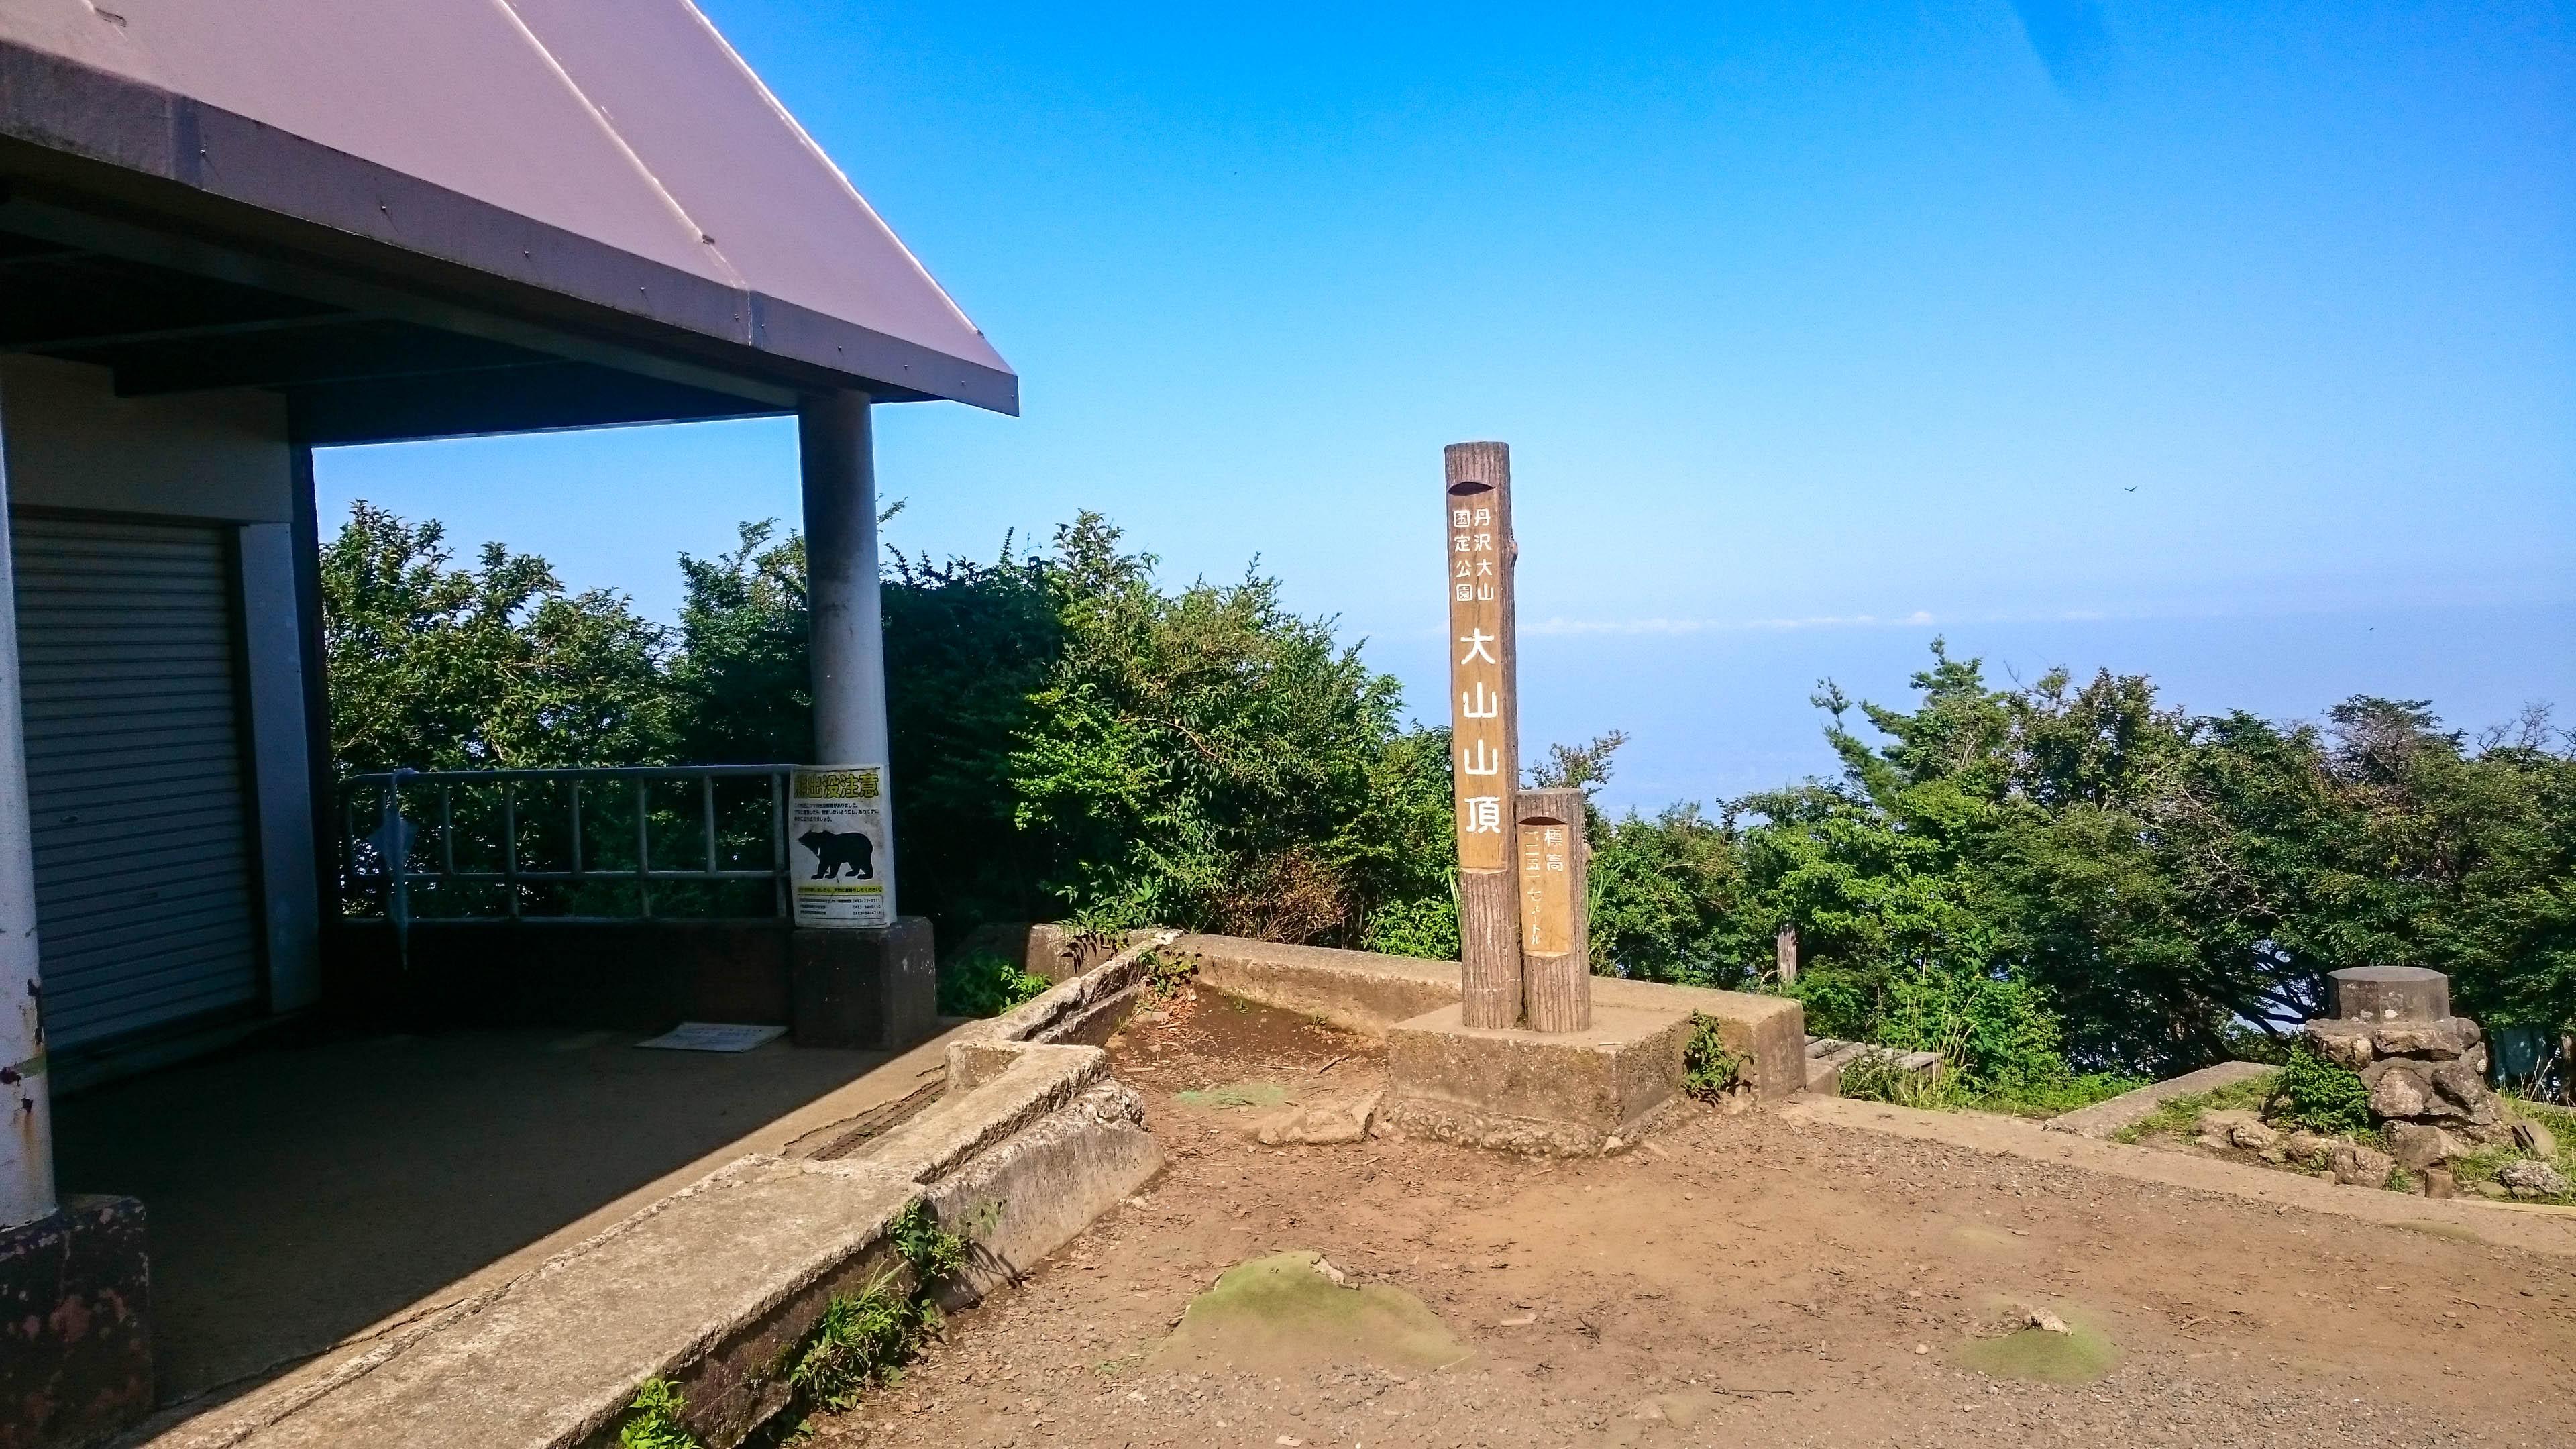 登山初心者が丹沢大山を登ったみた結果、、、